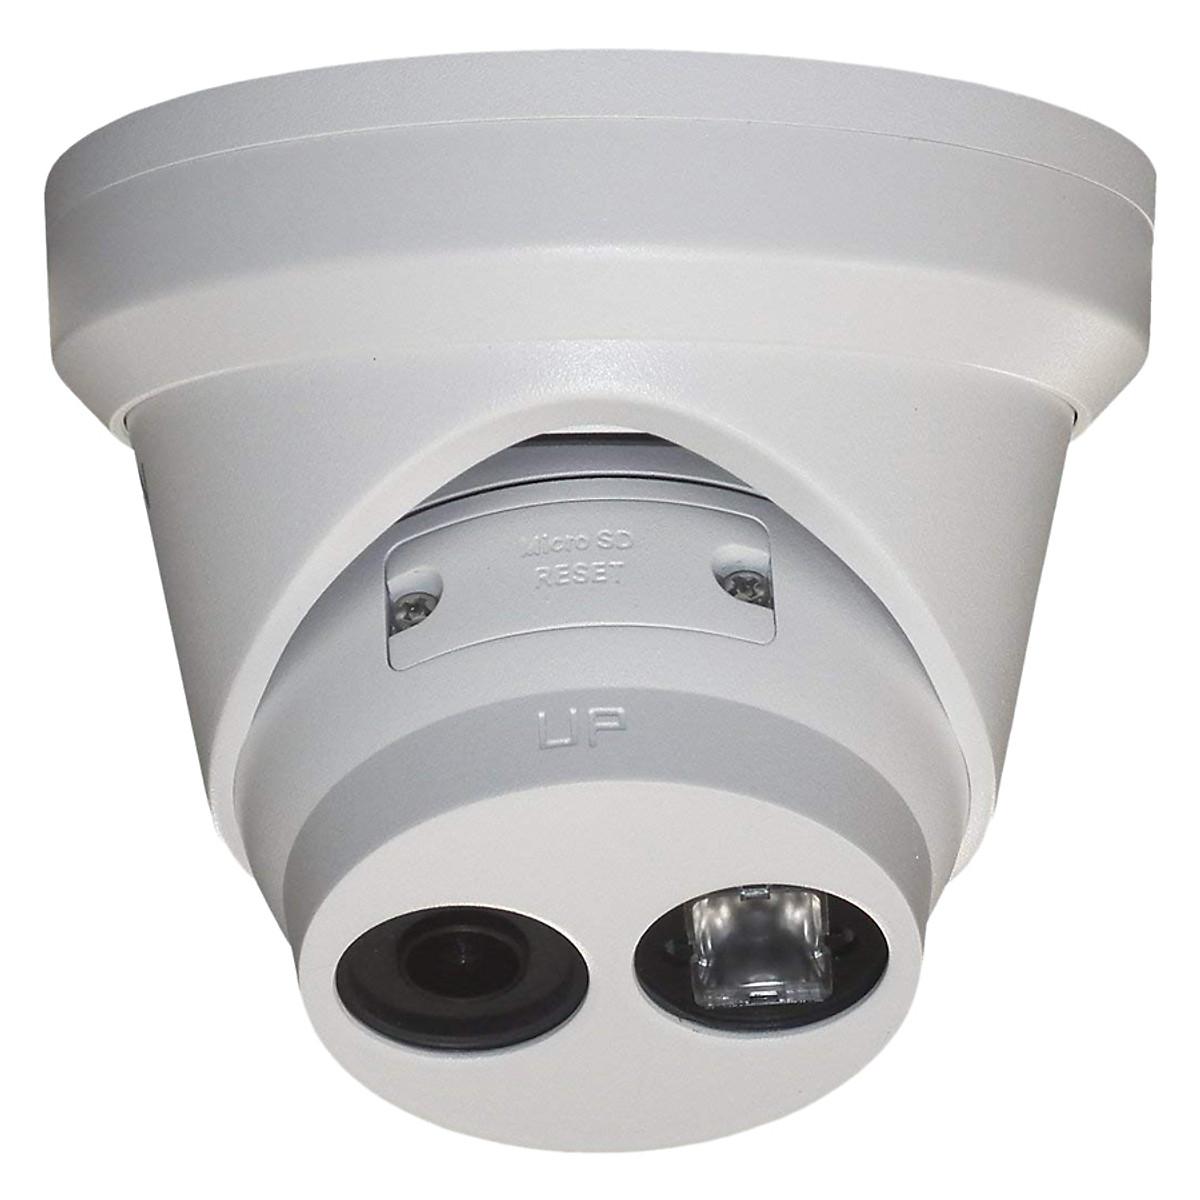 Camera IP Hikvision Dome 2 Megapixel DS-2CD2321G0-I/NF – Hàng Chính Hãng